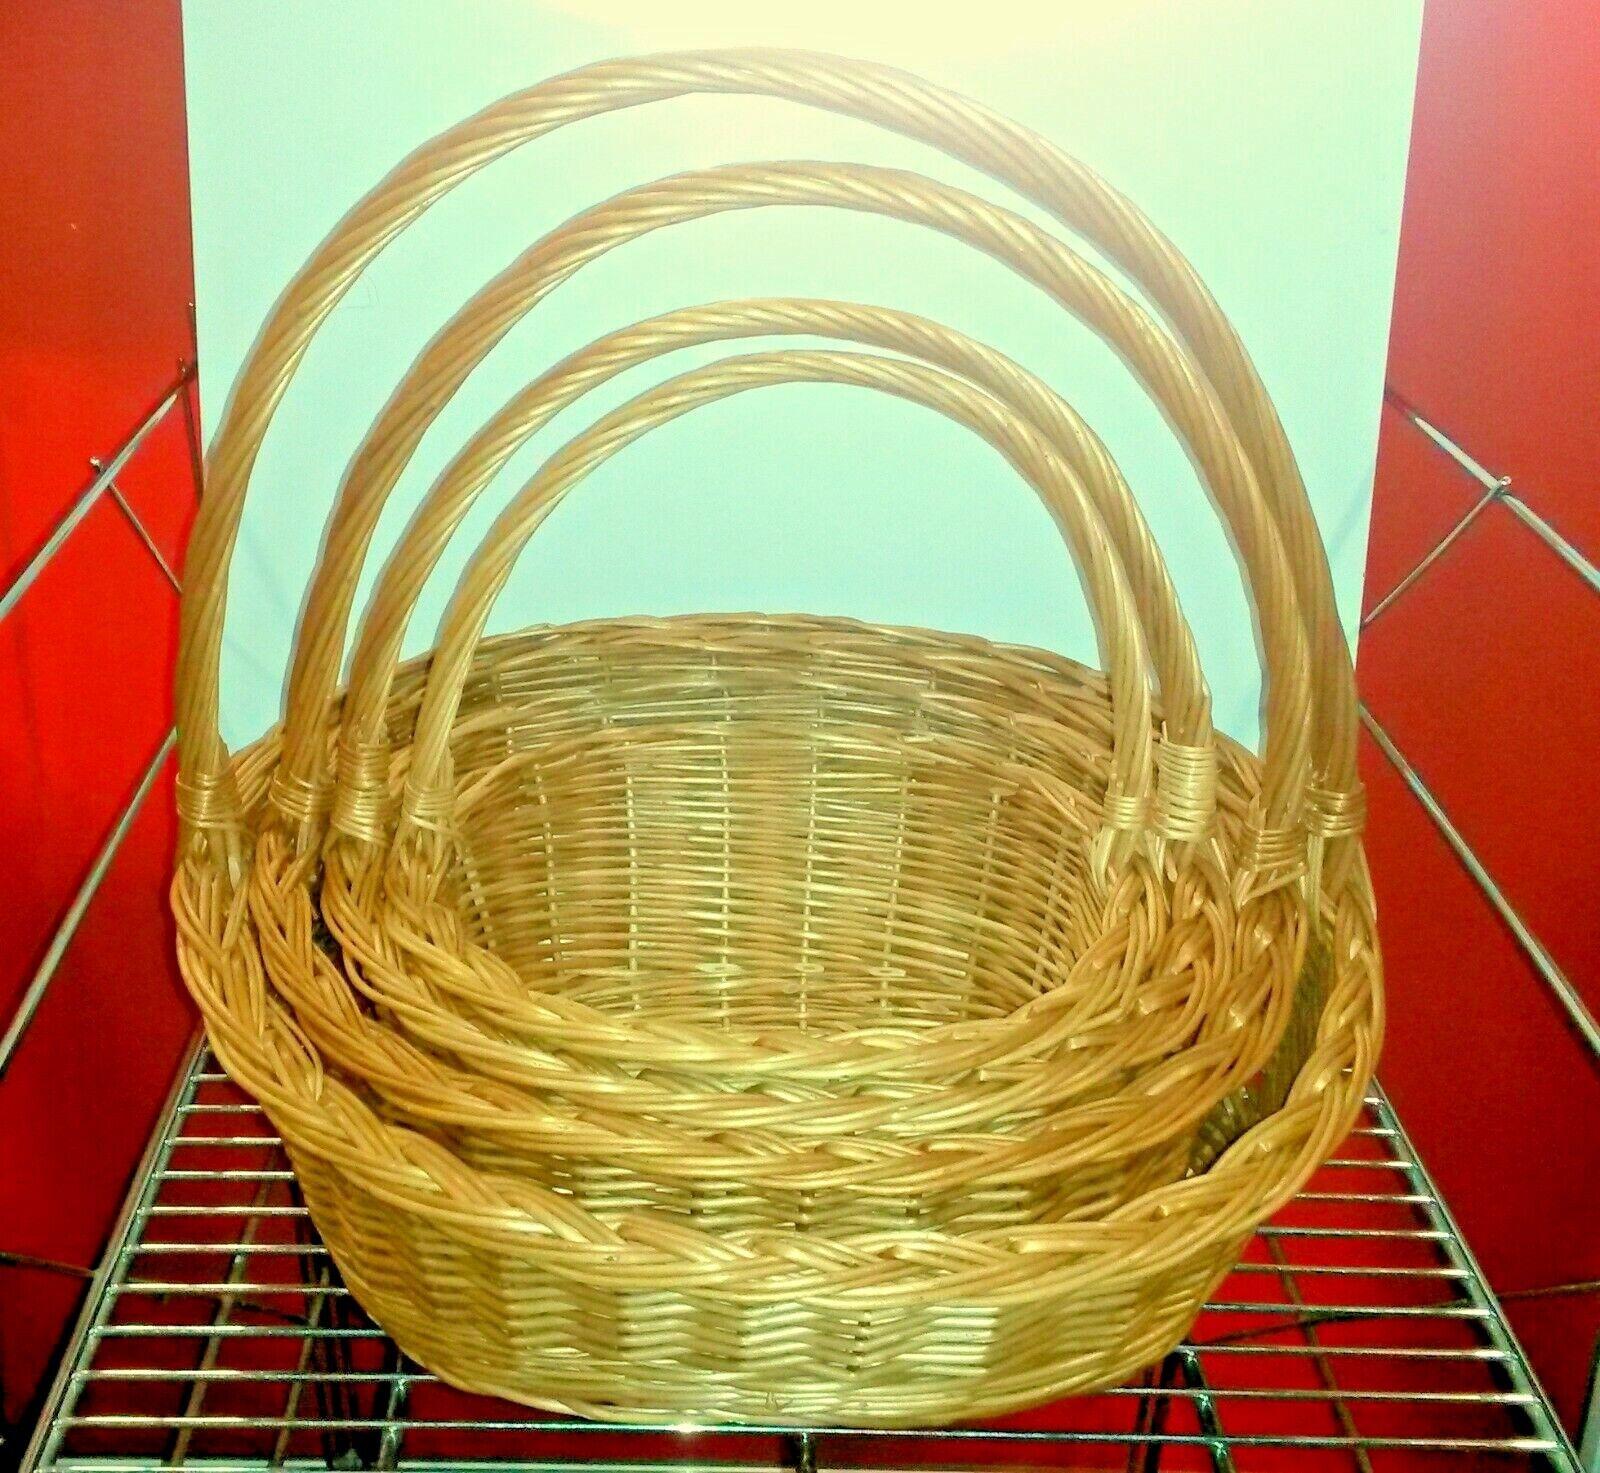 Präsentkorb Leer Geschenkkorb 4 Größen Präsentkörbe Weide mit Gratis Holzwolle